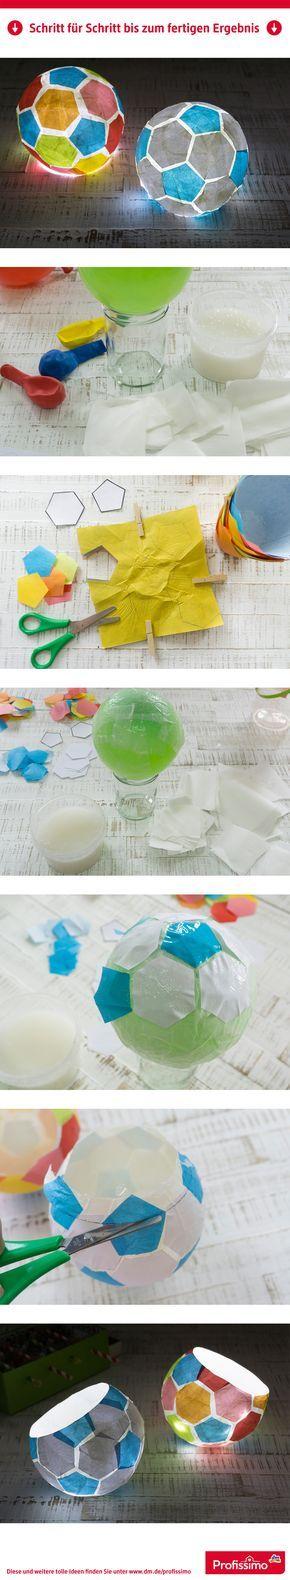 Einfache Technik, große Wirkung! Fußball-Lampe // Mit Luftballon und Kleister können kleine und große Fußballfans dieses Lämpchen nachbasteln. // // Eine Schritt-für-Schritt Anleitung finden Sie auf dm.de/profissimo-kreativ // #ProfissimoKreativ #basteln #Idee #Kreativ #DIY